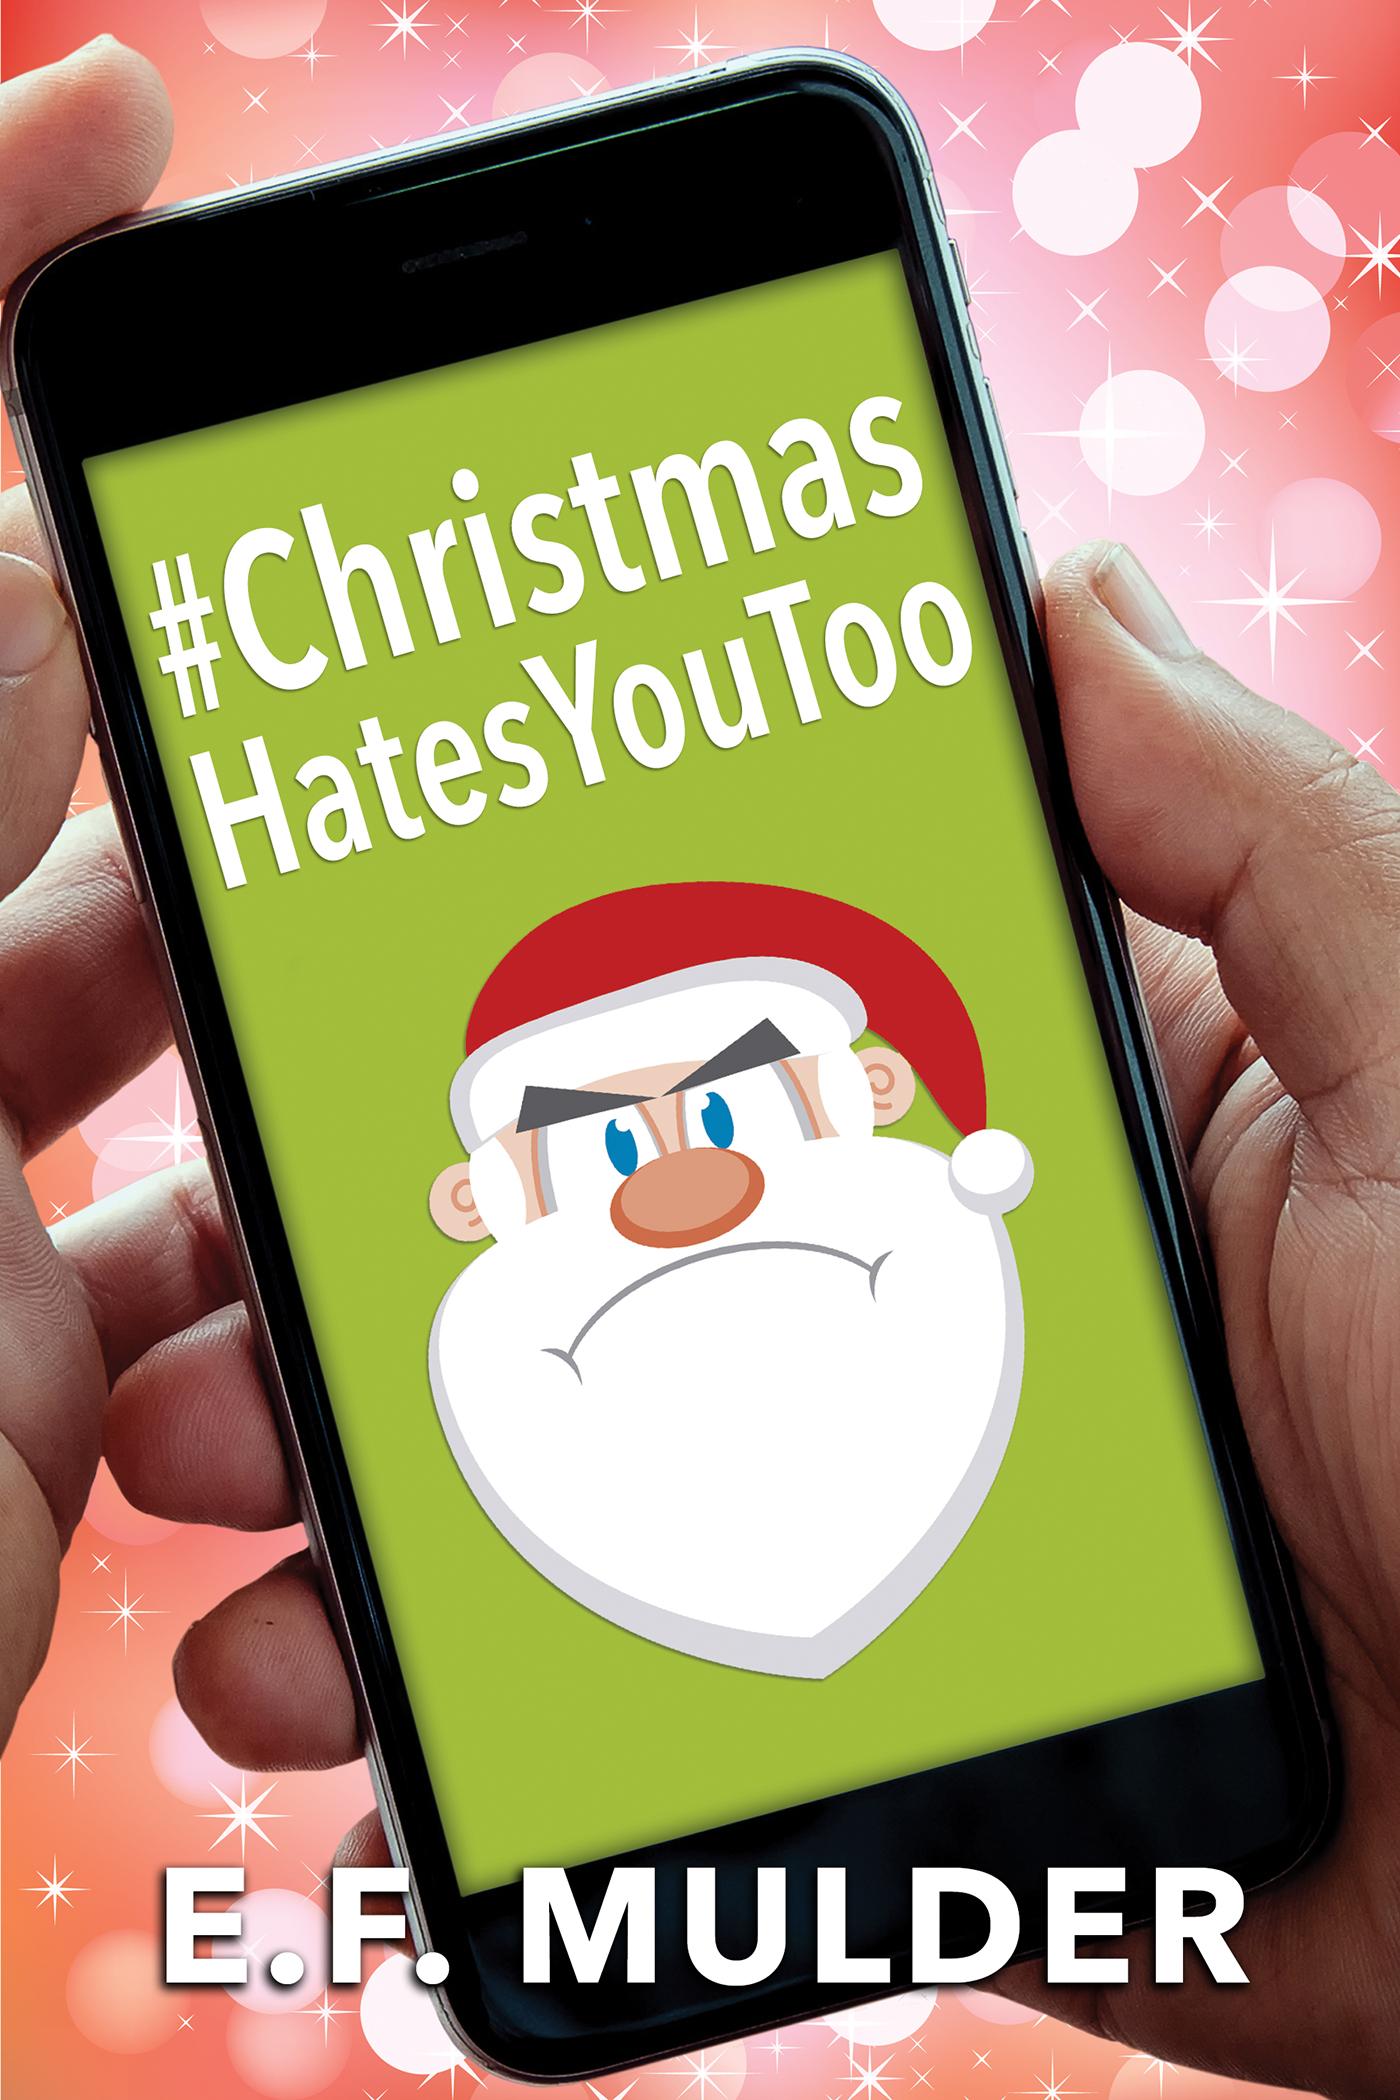 #ChristmasHatesYouToo